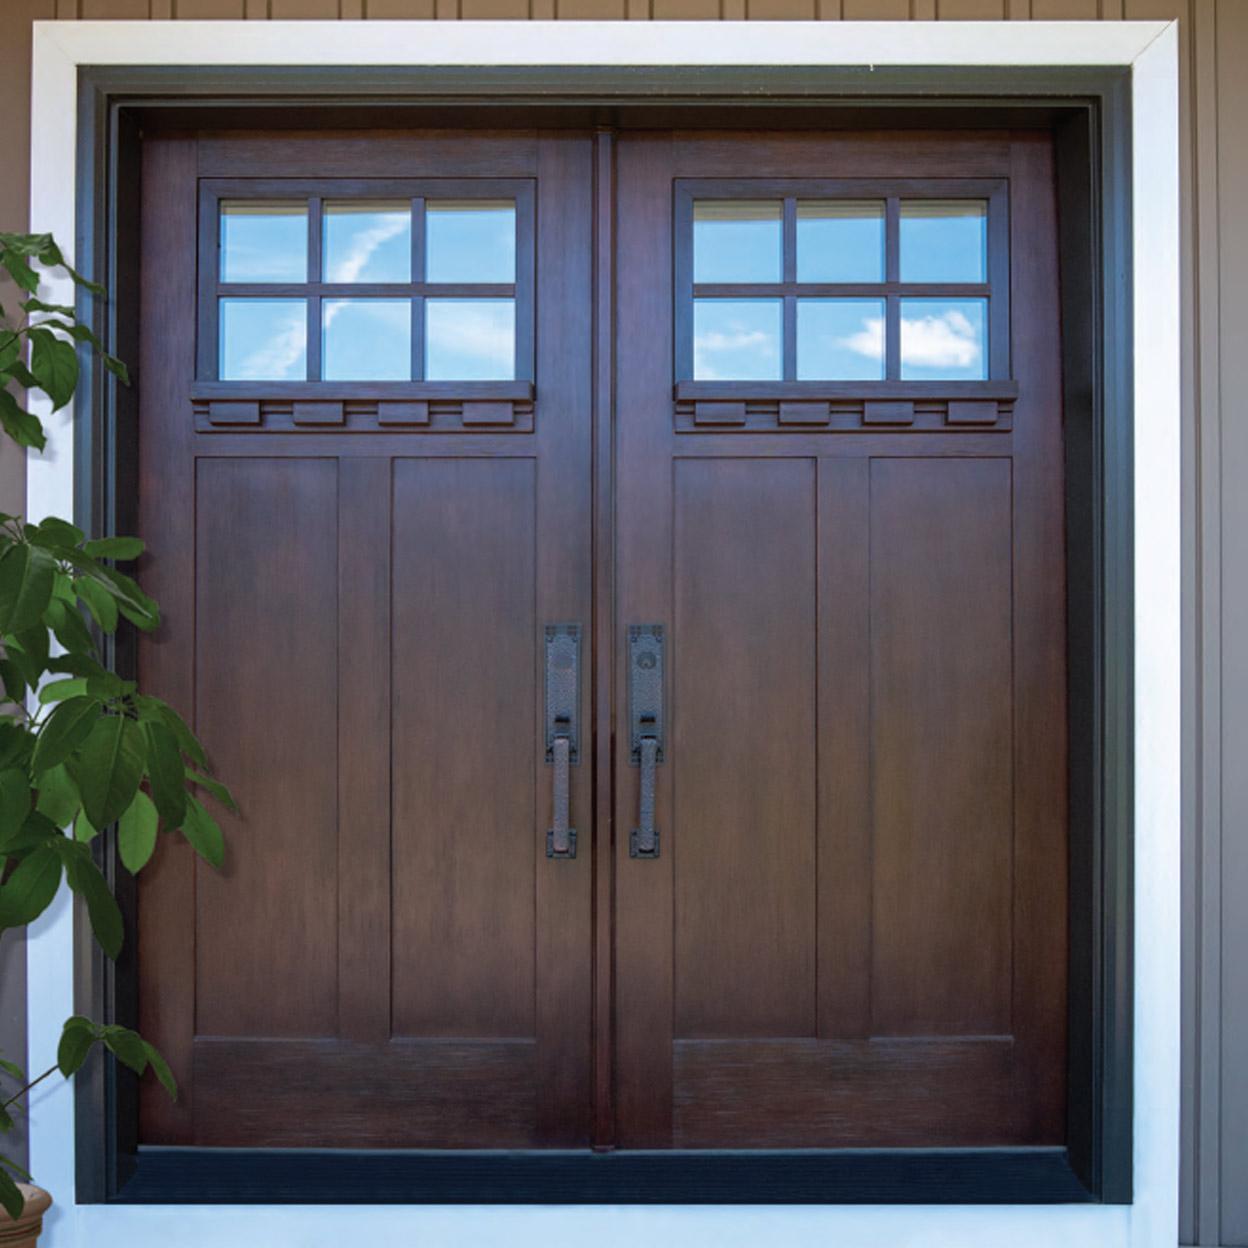 French Door exterior patio door in Wake Forest